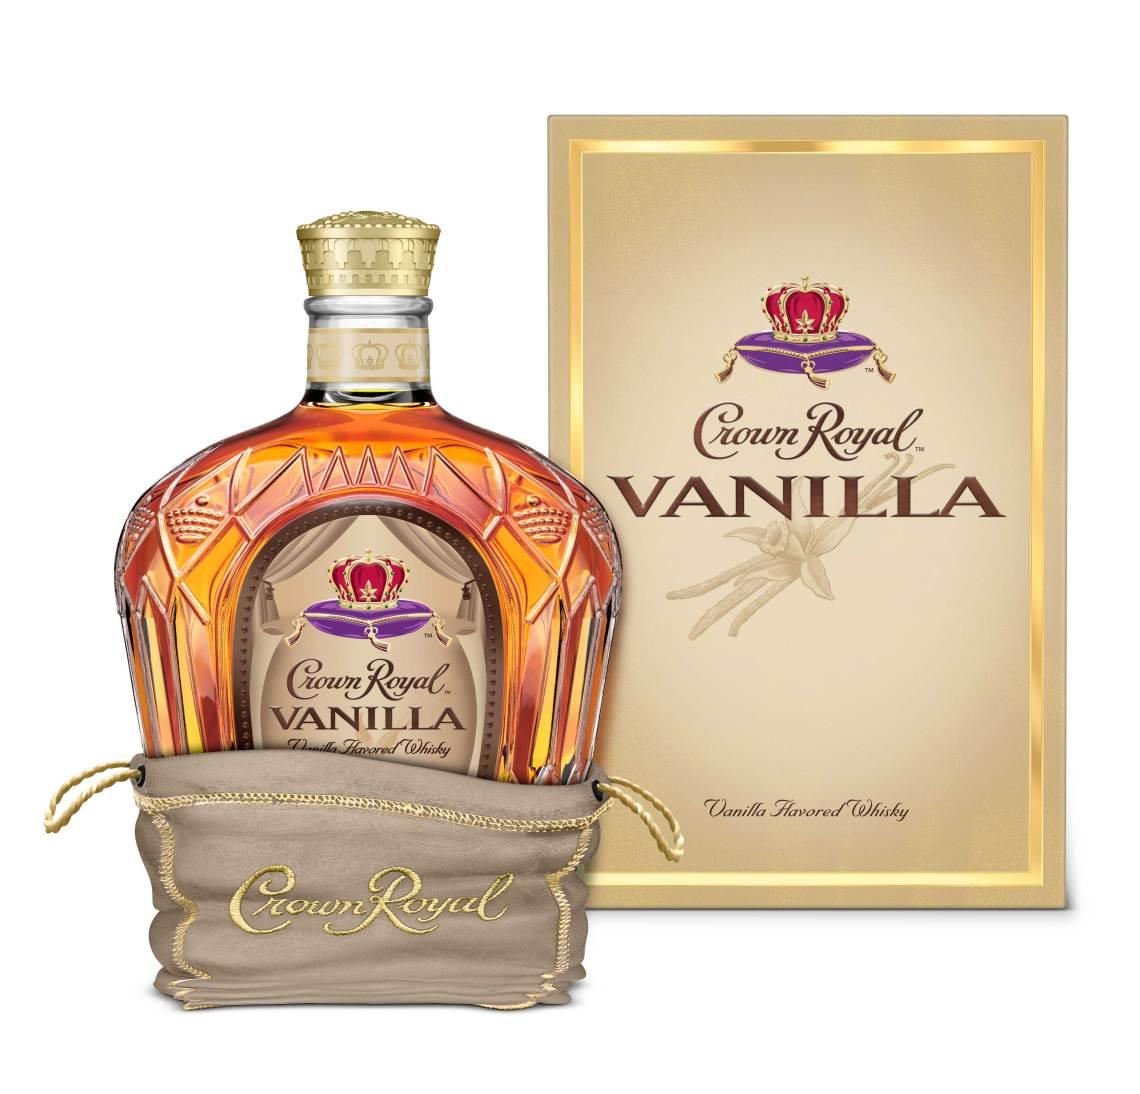 Crown Royal Vanilla Canadian Whisky